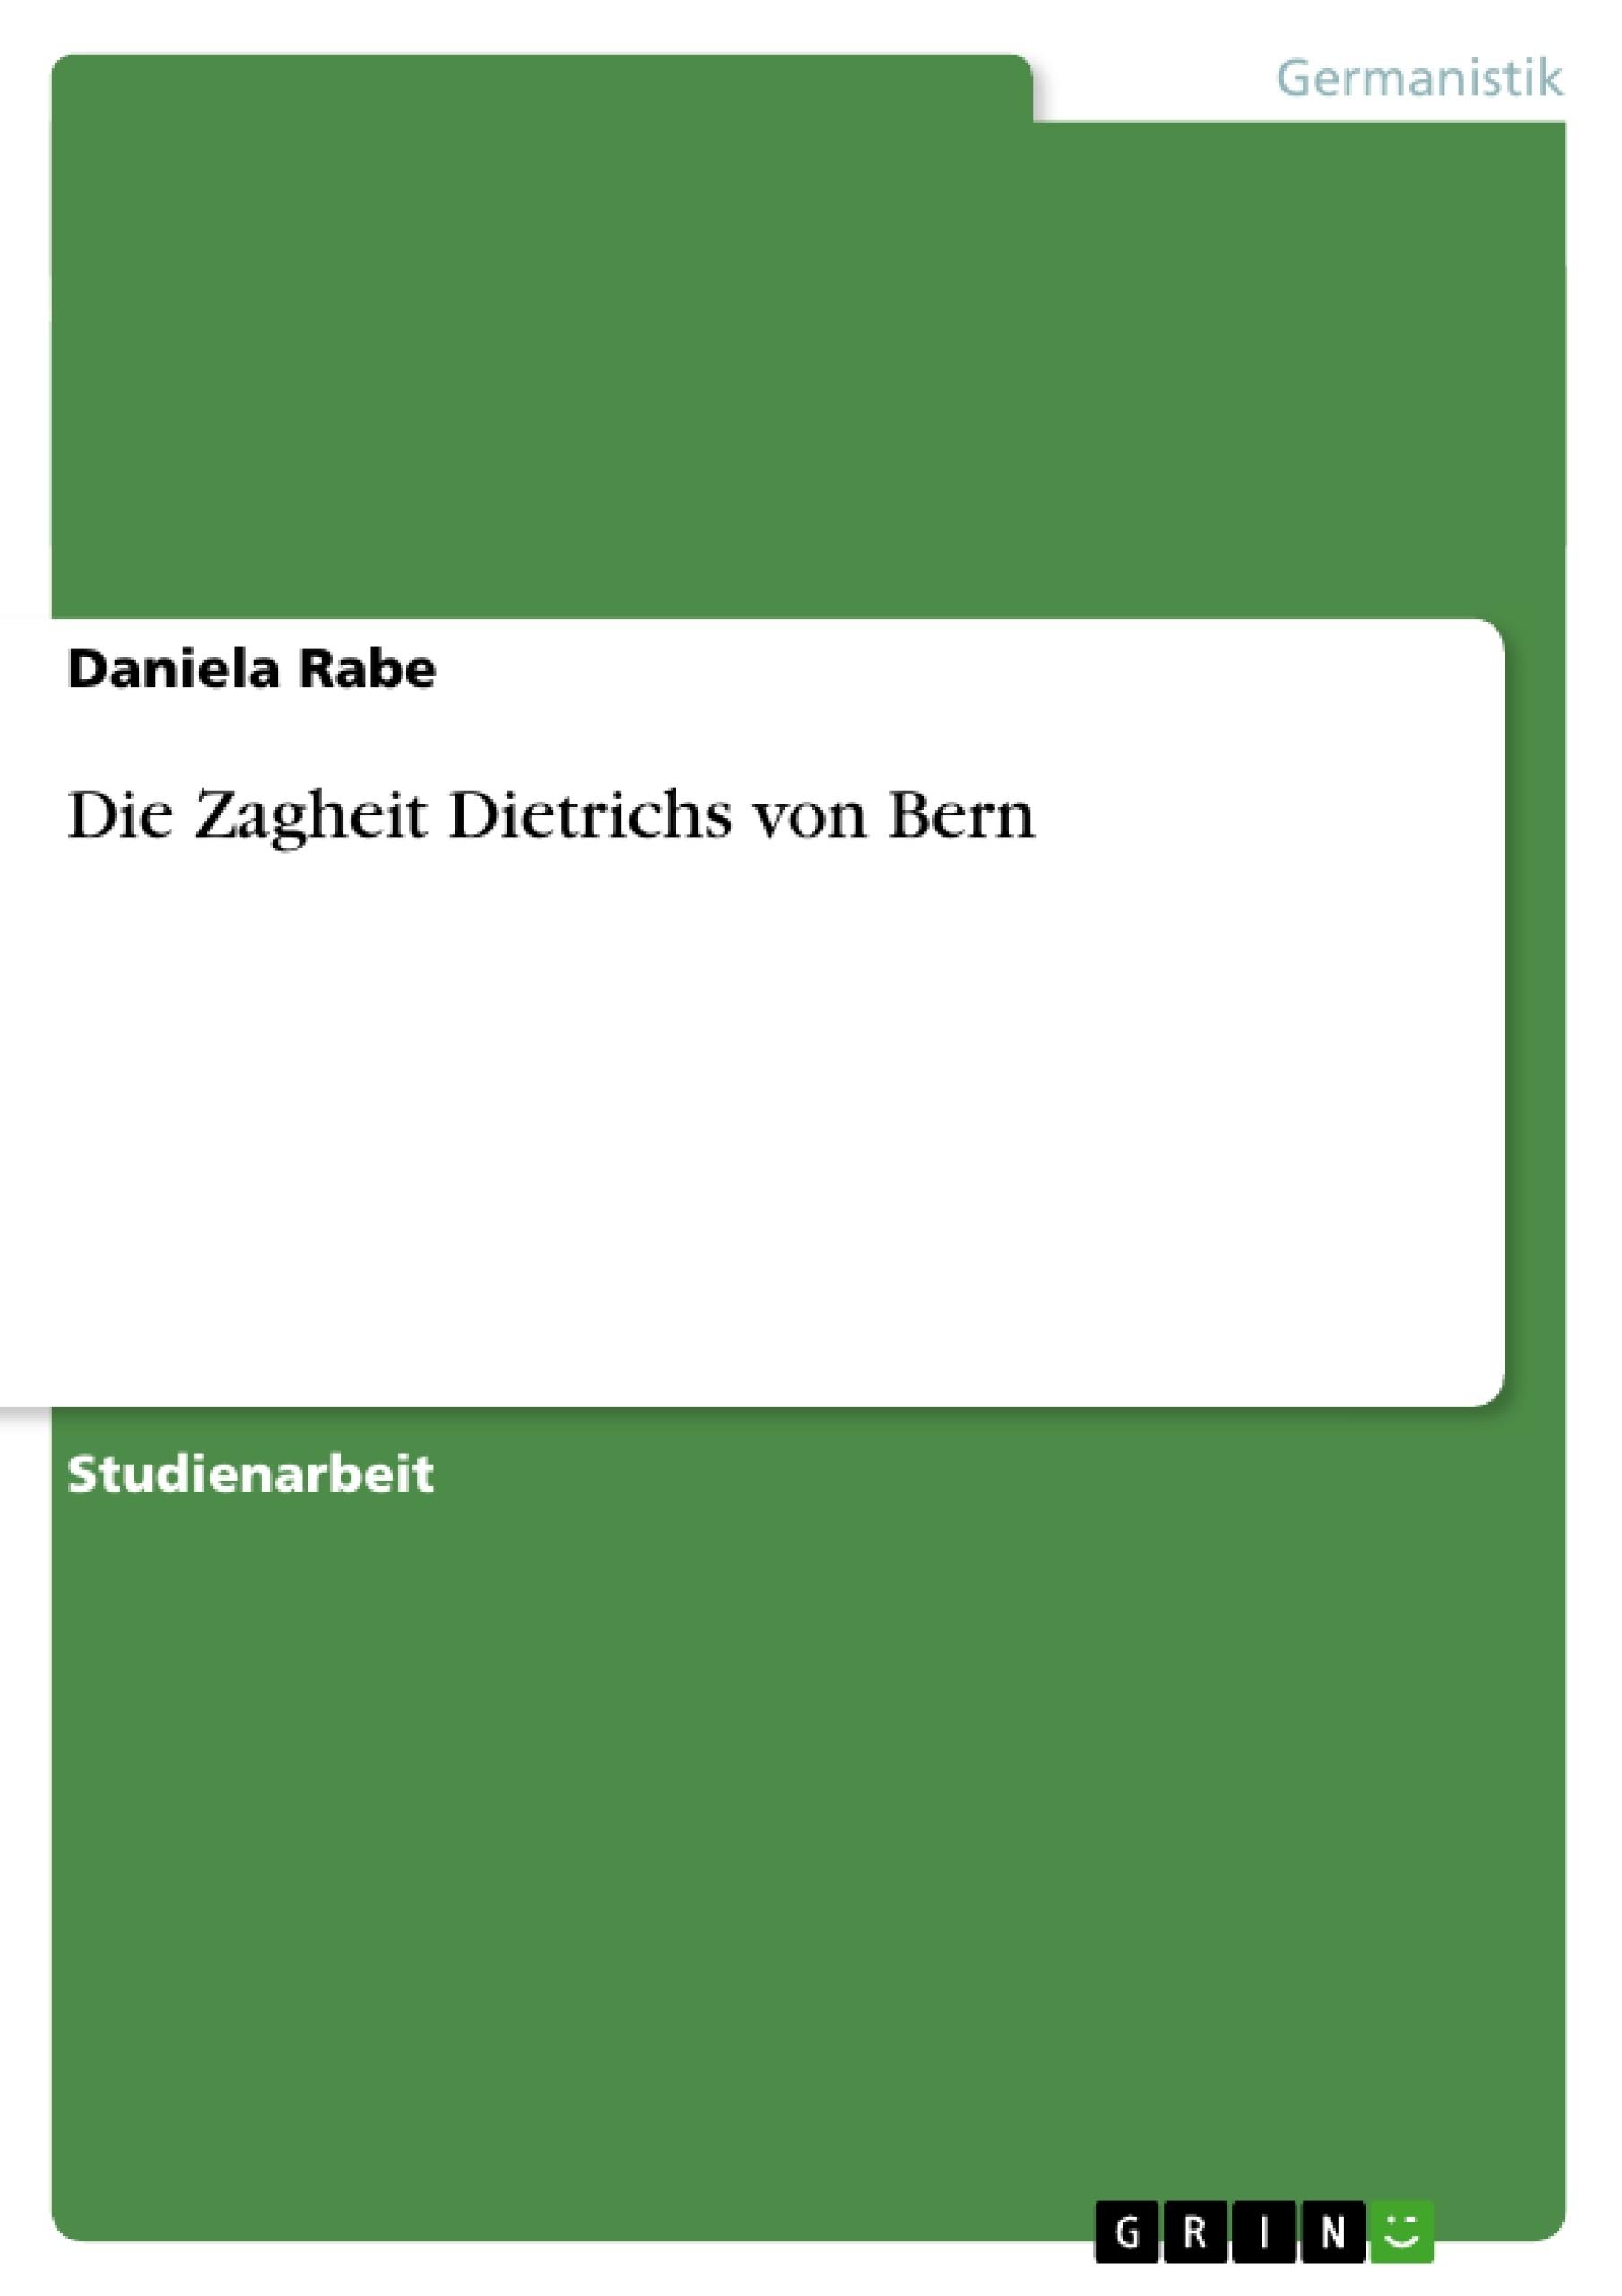 Titel: Die Zagheit Dietrichs von Bern